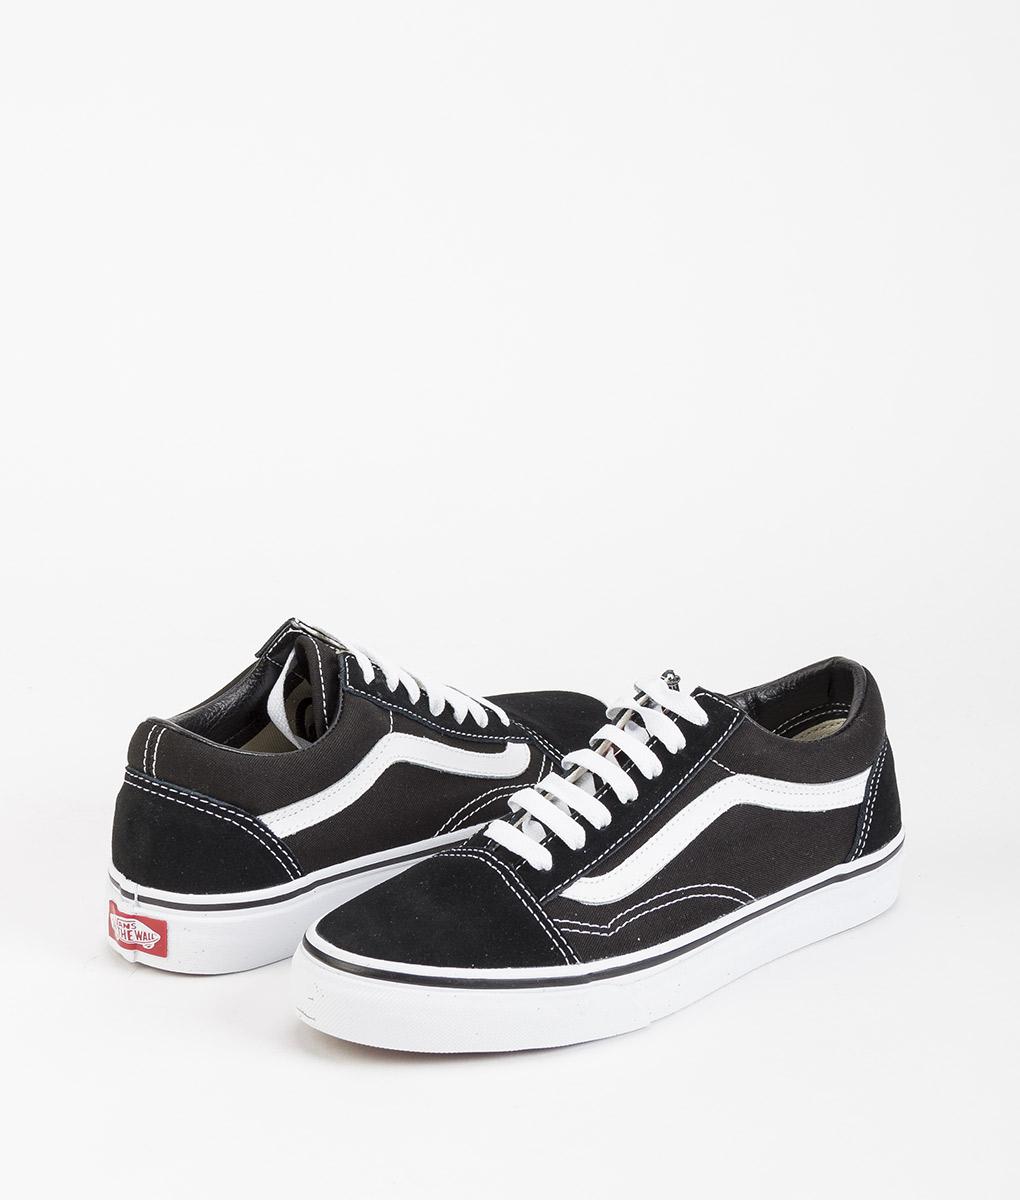 VANS Unisex Sneakers VD3HY28 OLD SKOOL, Black White 79.99